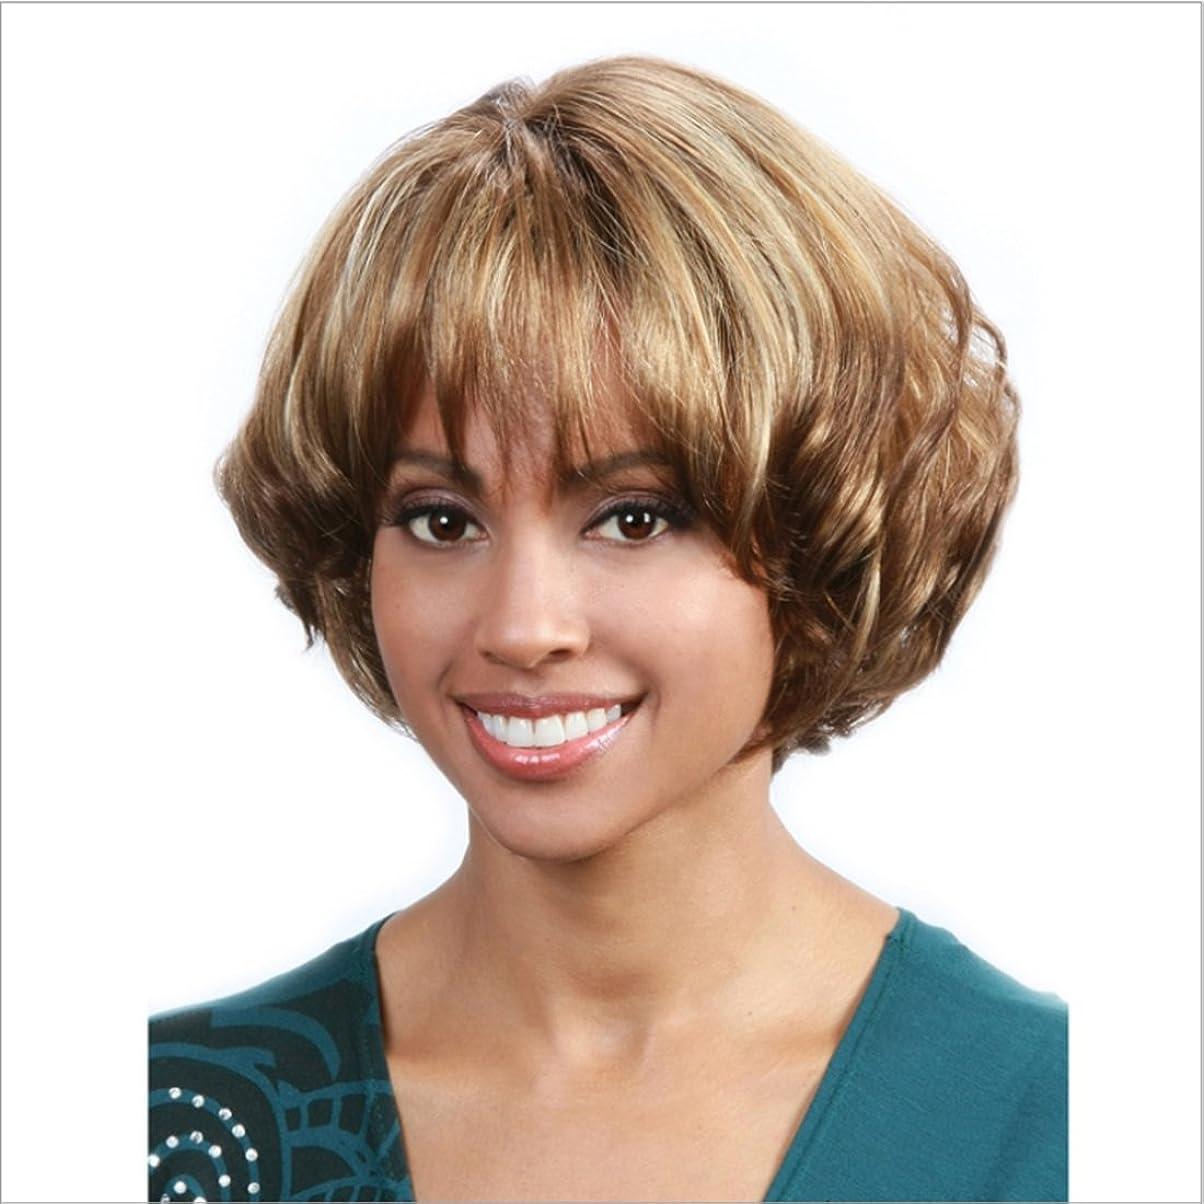 急襲雑多な所得Mayalina 混合色かつら白人女性のためのカーリー人工毛ショート茶色と黒のかつら熱抵抗毛ふわふわウィッグとフラット前髪10インチ/ 150gファッションかつら (色 : Brown and black)